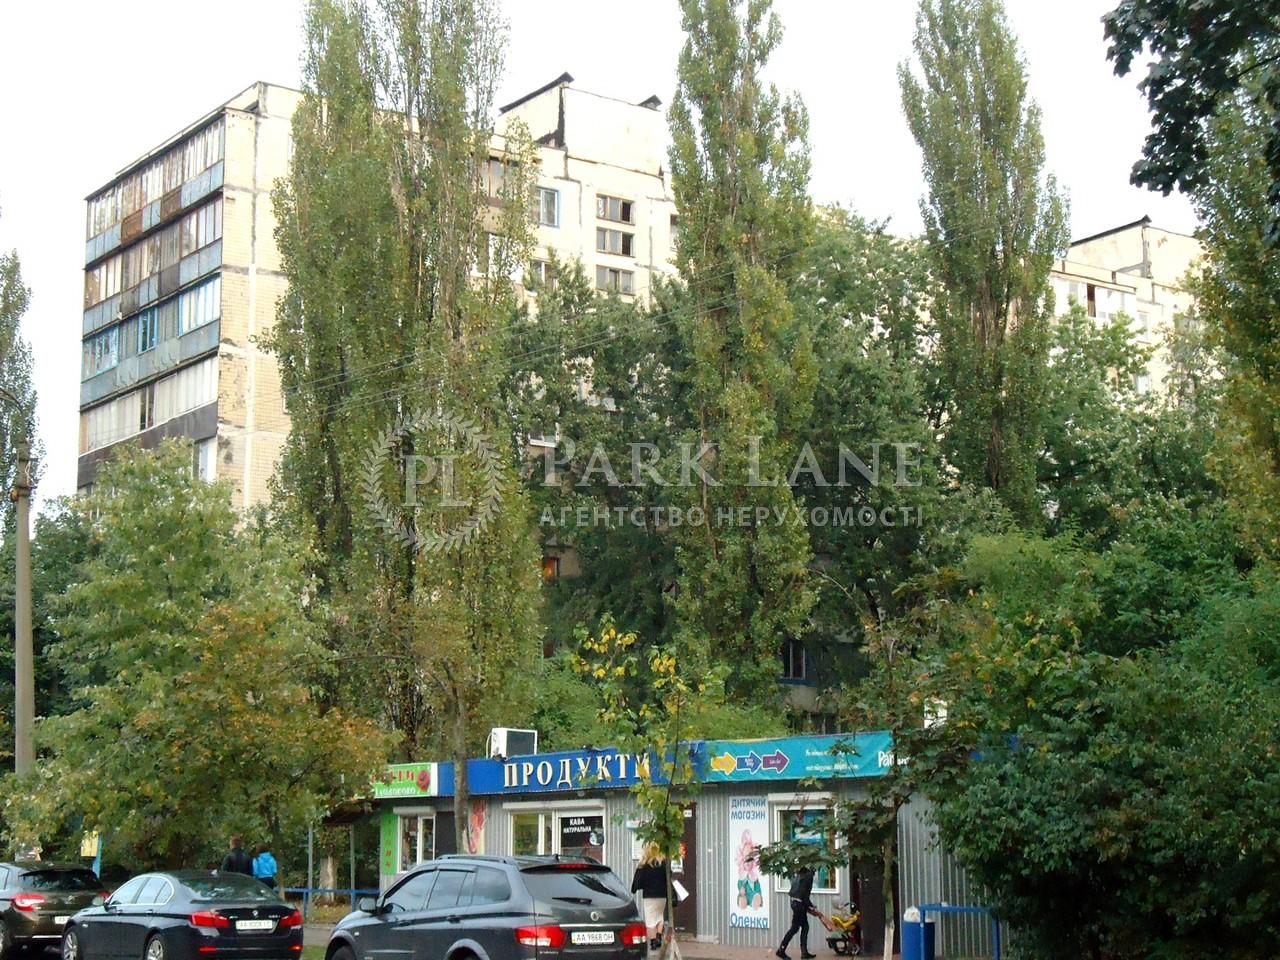 Квартира вул. Шолом-Алейхема, 26/23, Київ, Z-566756 - Фото 1